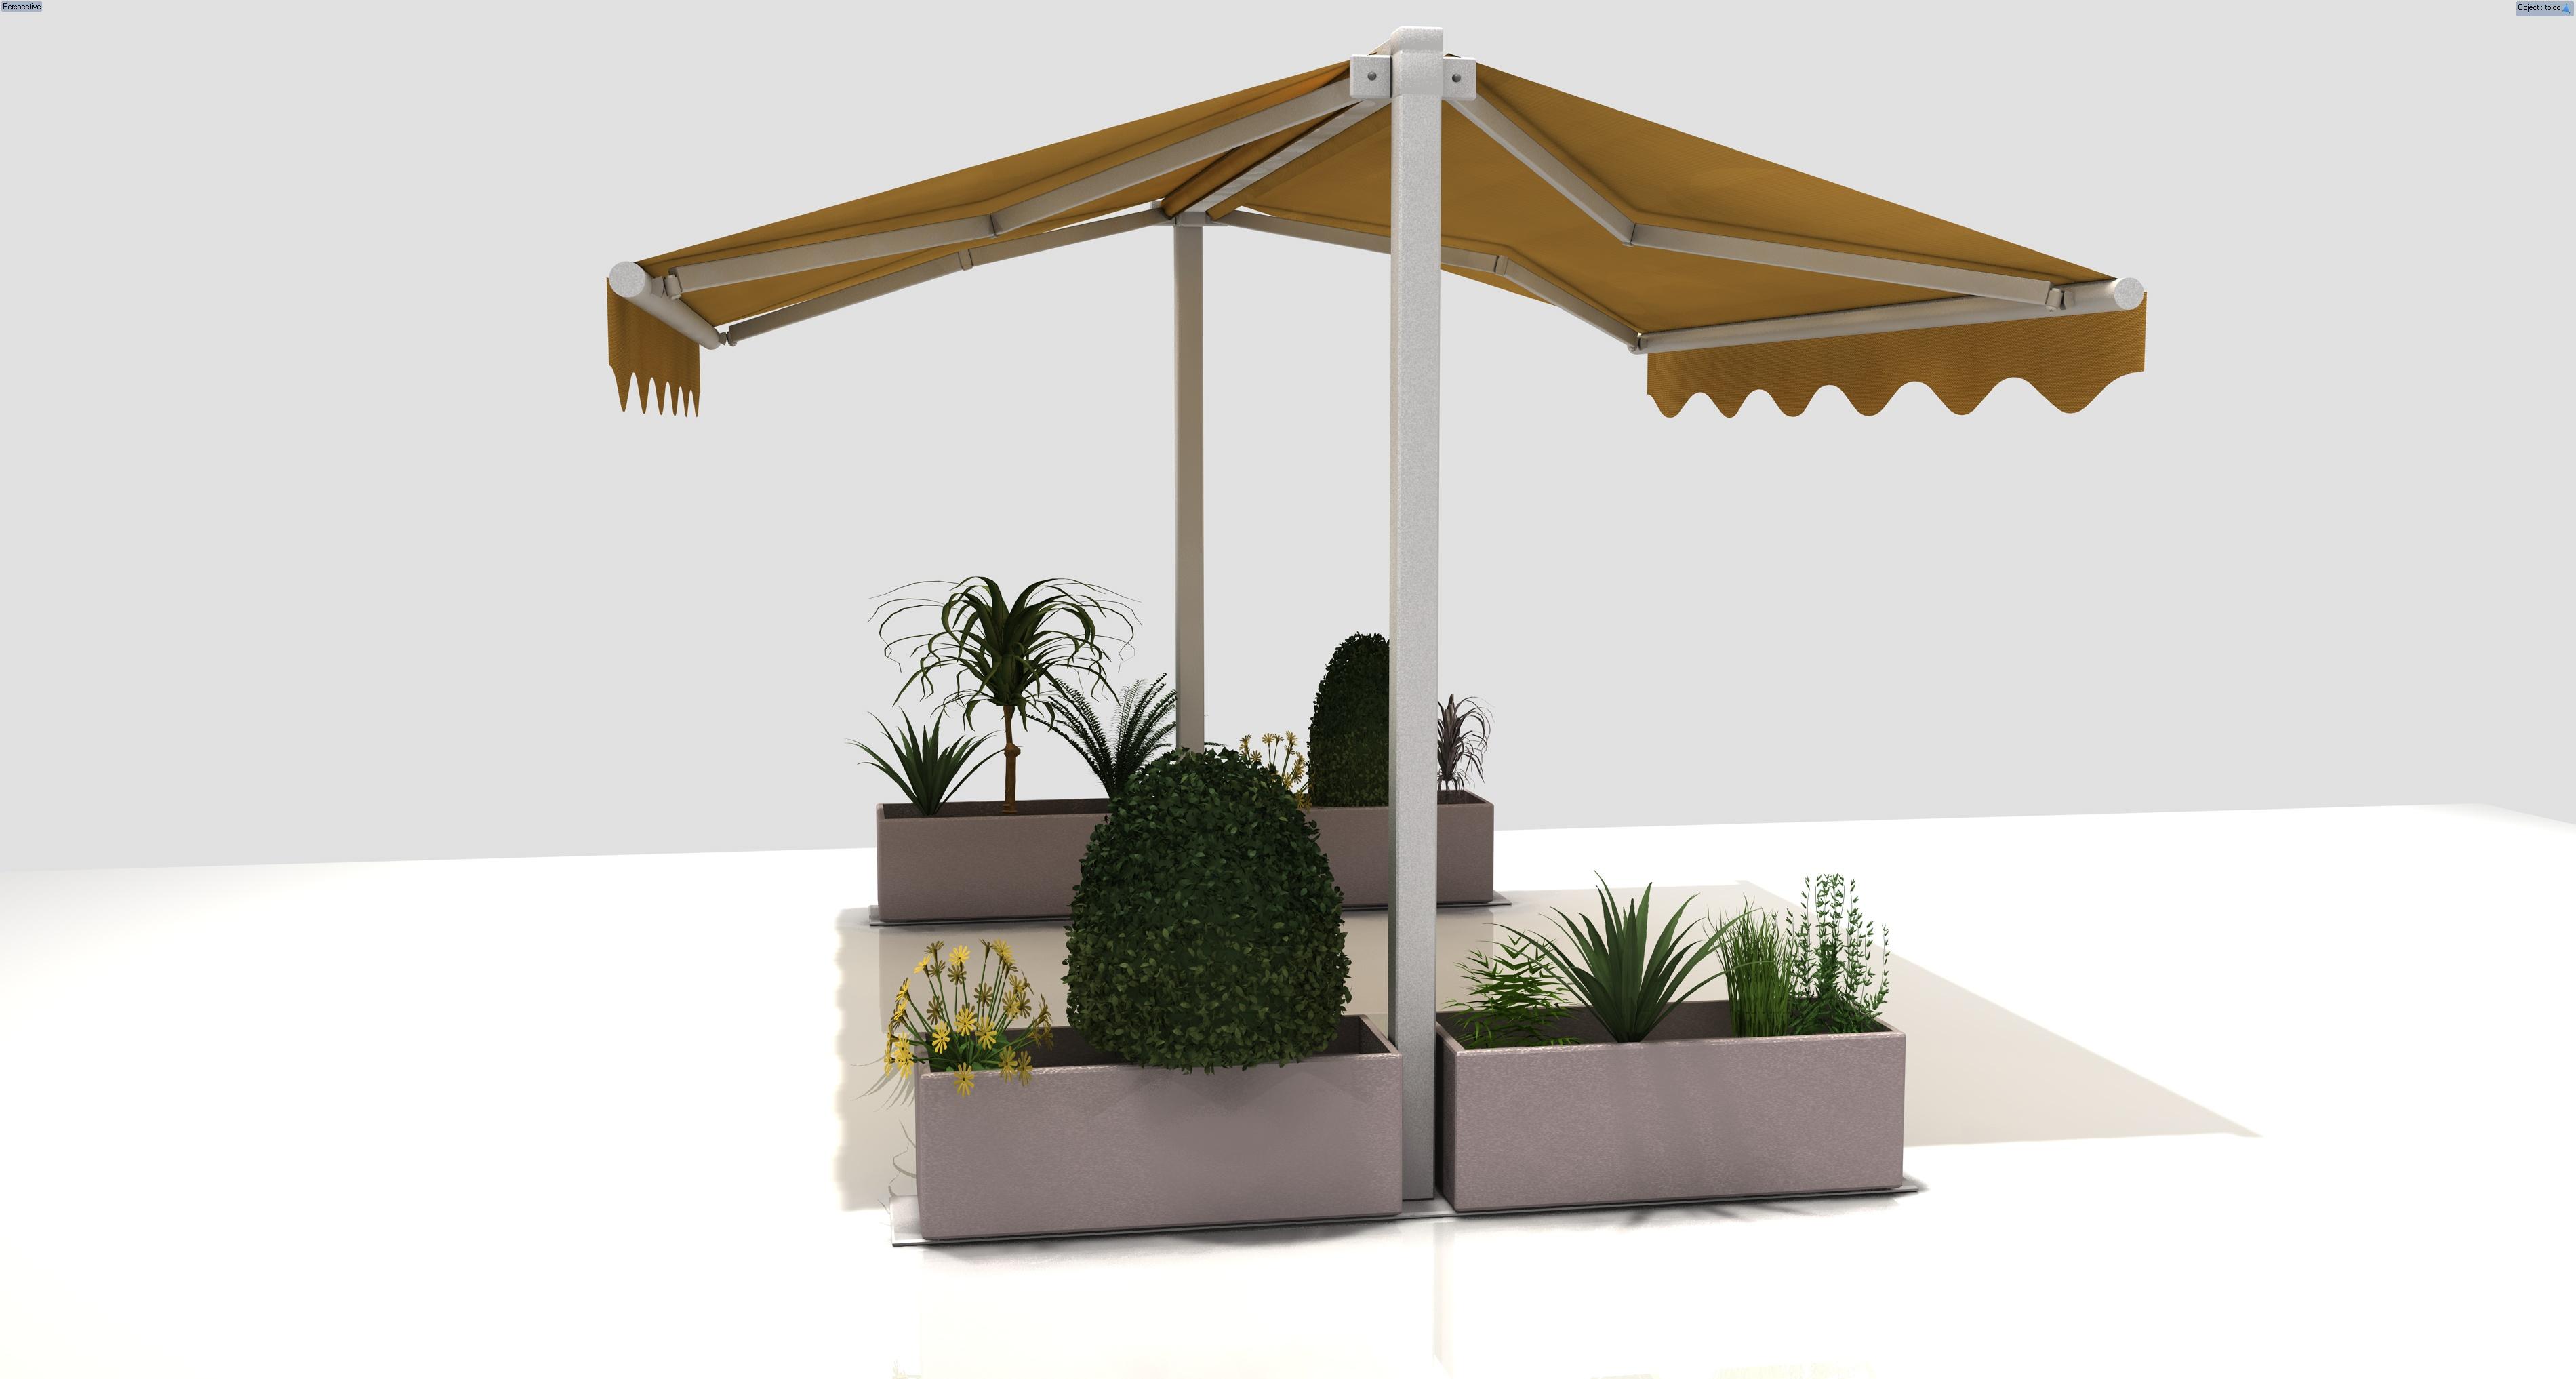 Toldo doble duox toldos y persianas rodrisol toldos for Precios de toldos para terrazas